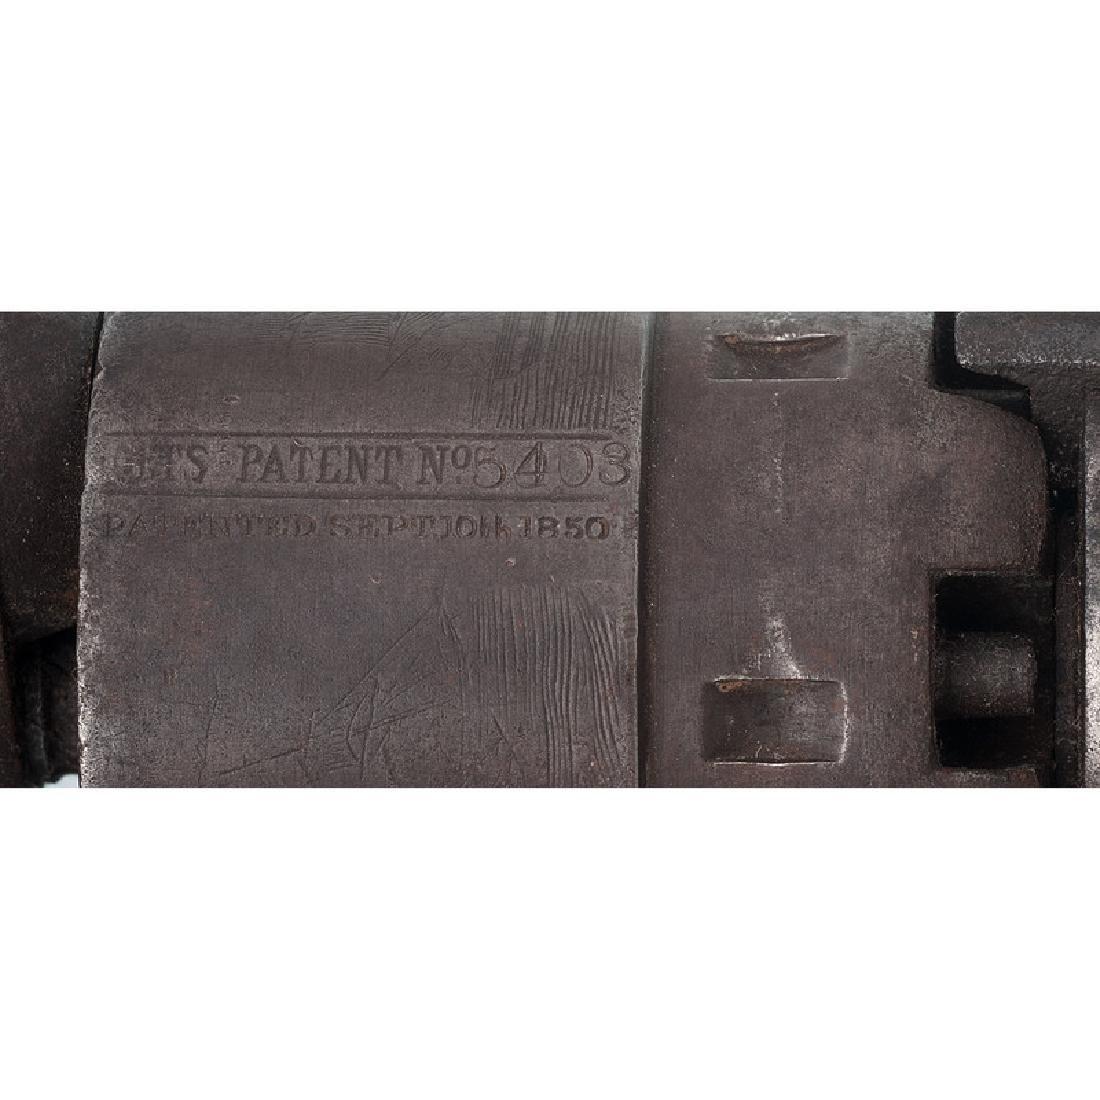 Colt Model 1860 Army Percussion Revolver - 5